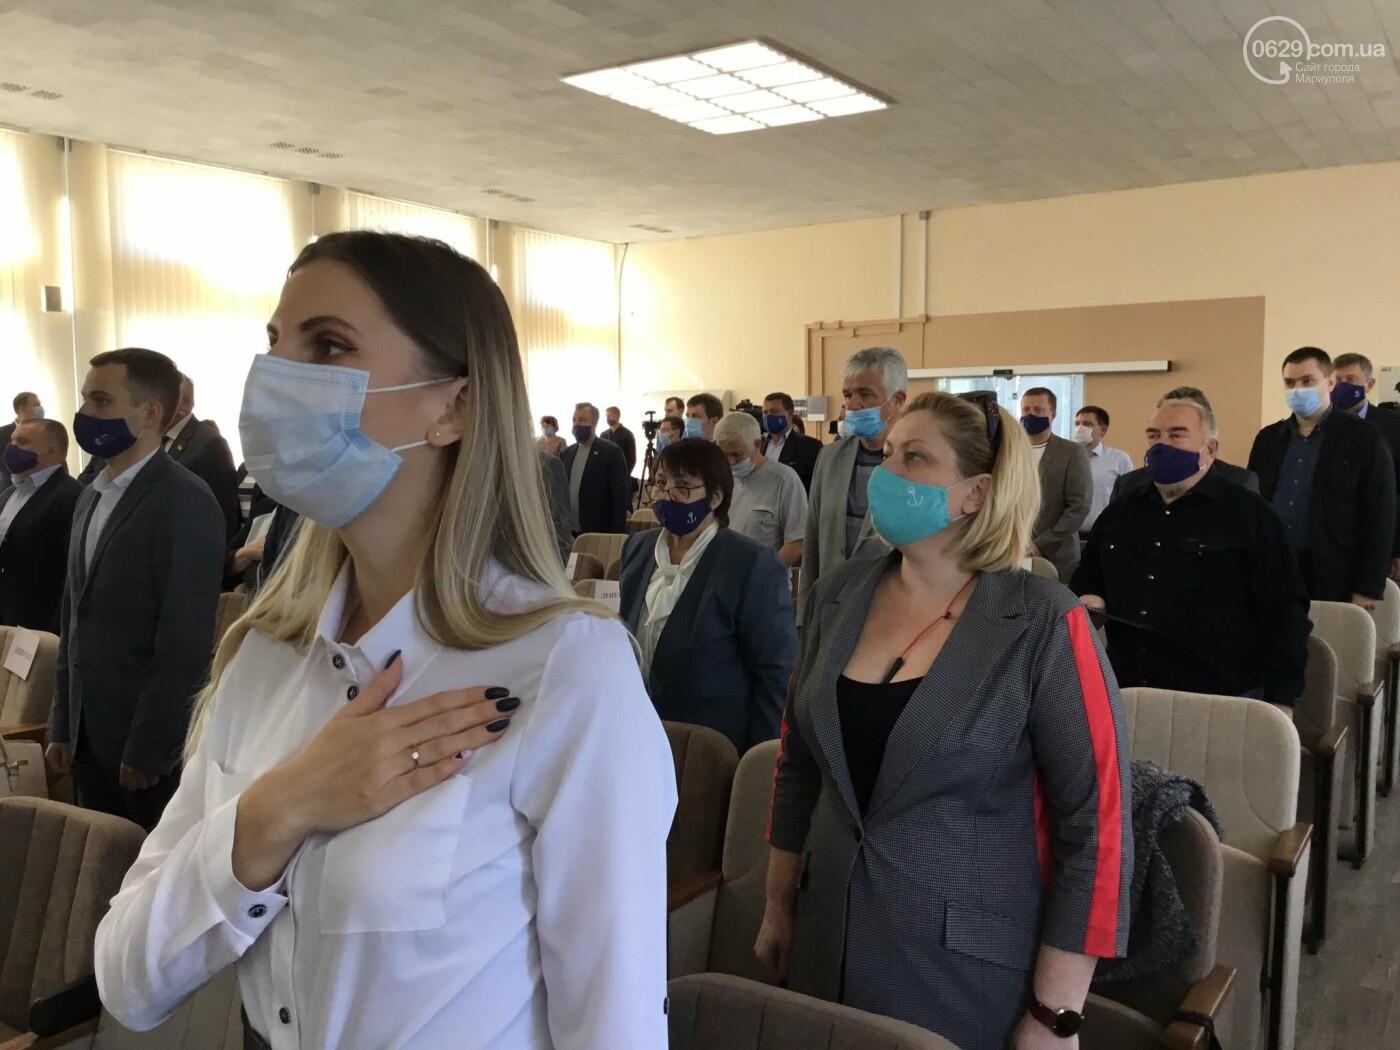 В Мариуполе врачей наградили орденами, - ФОТО, фото-1